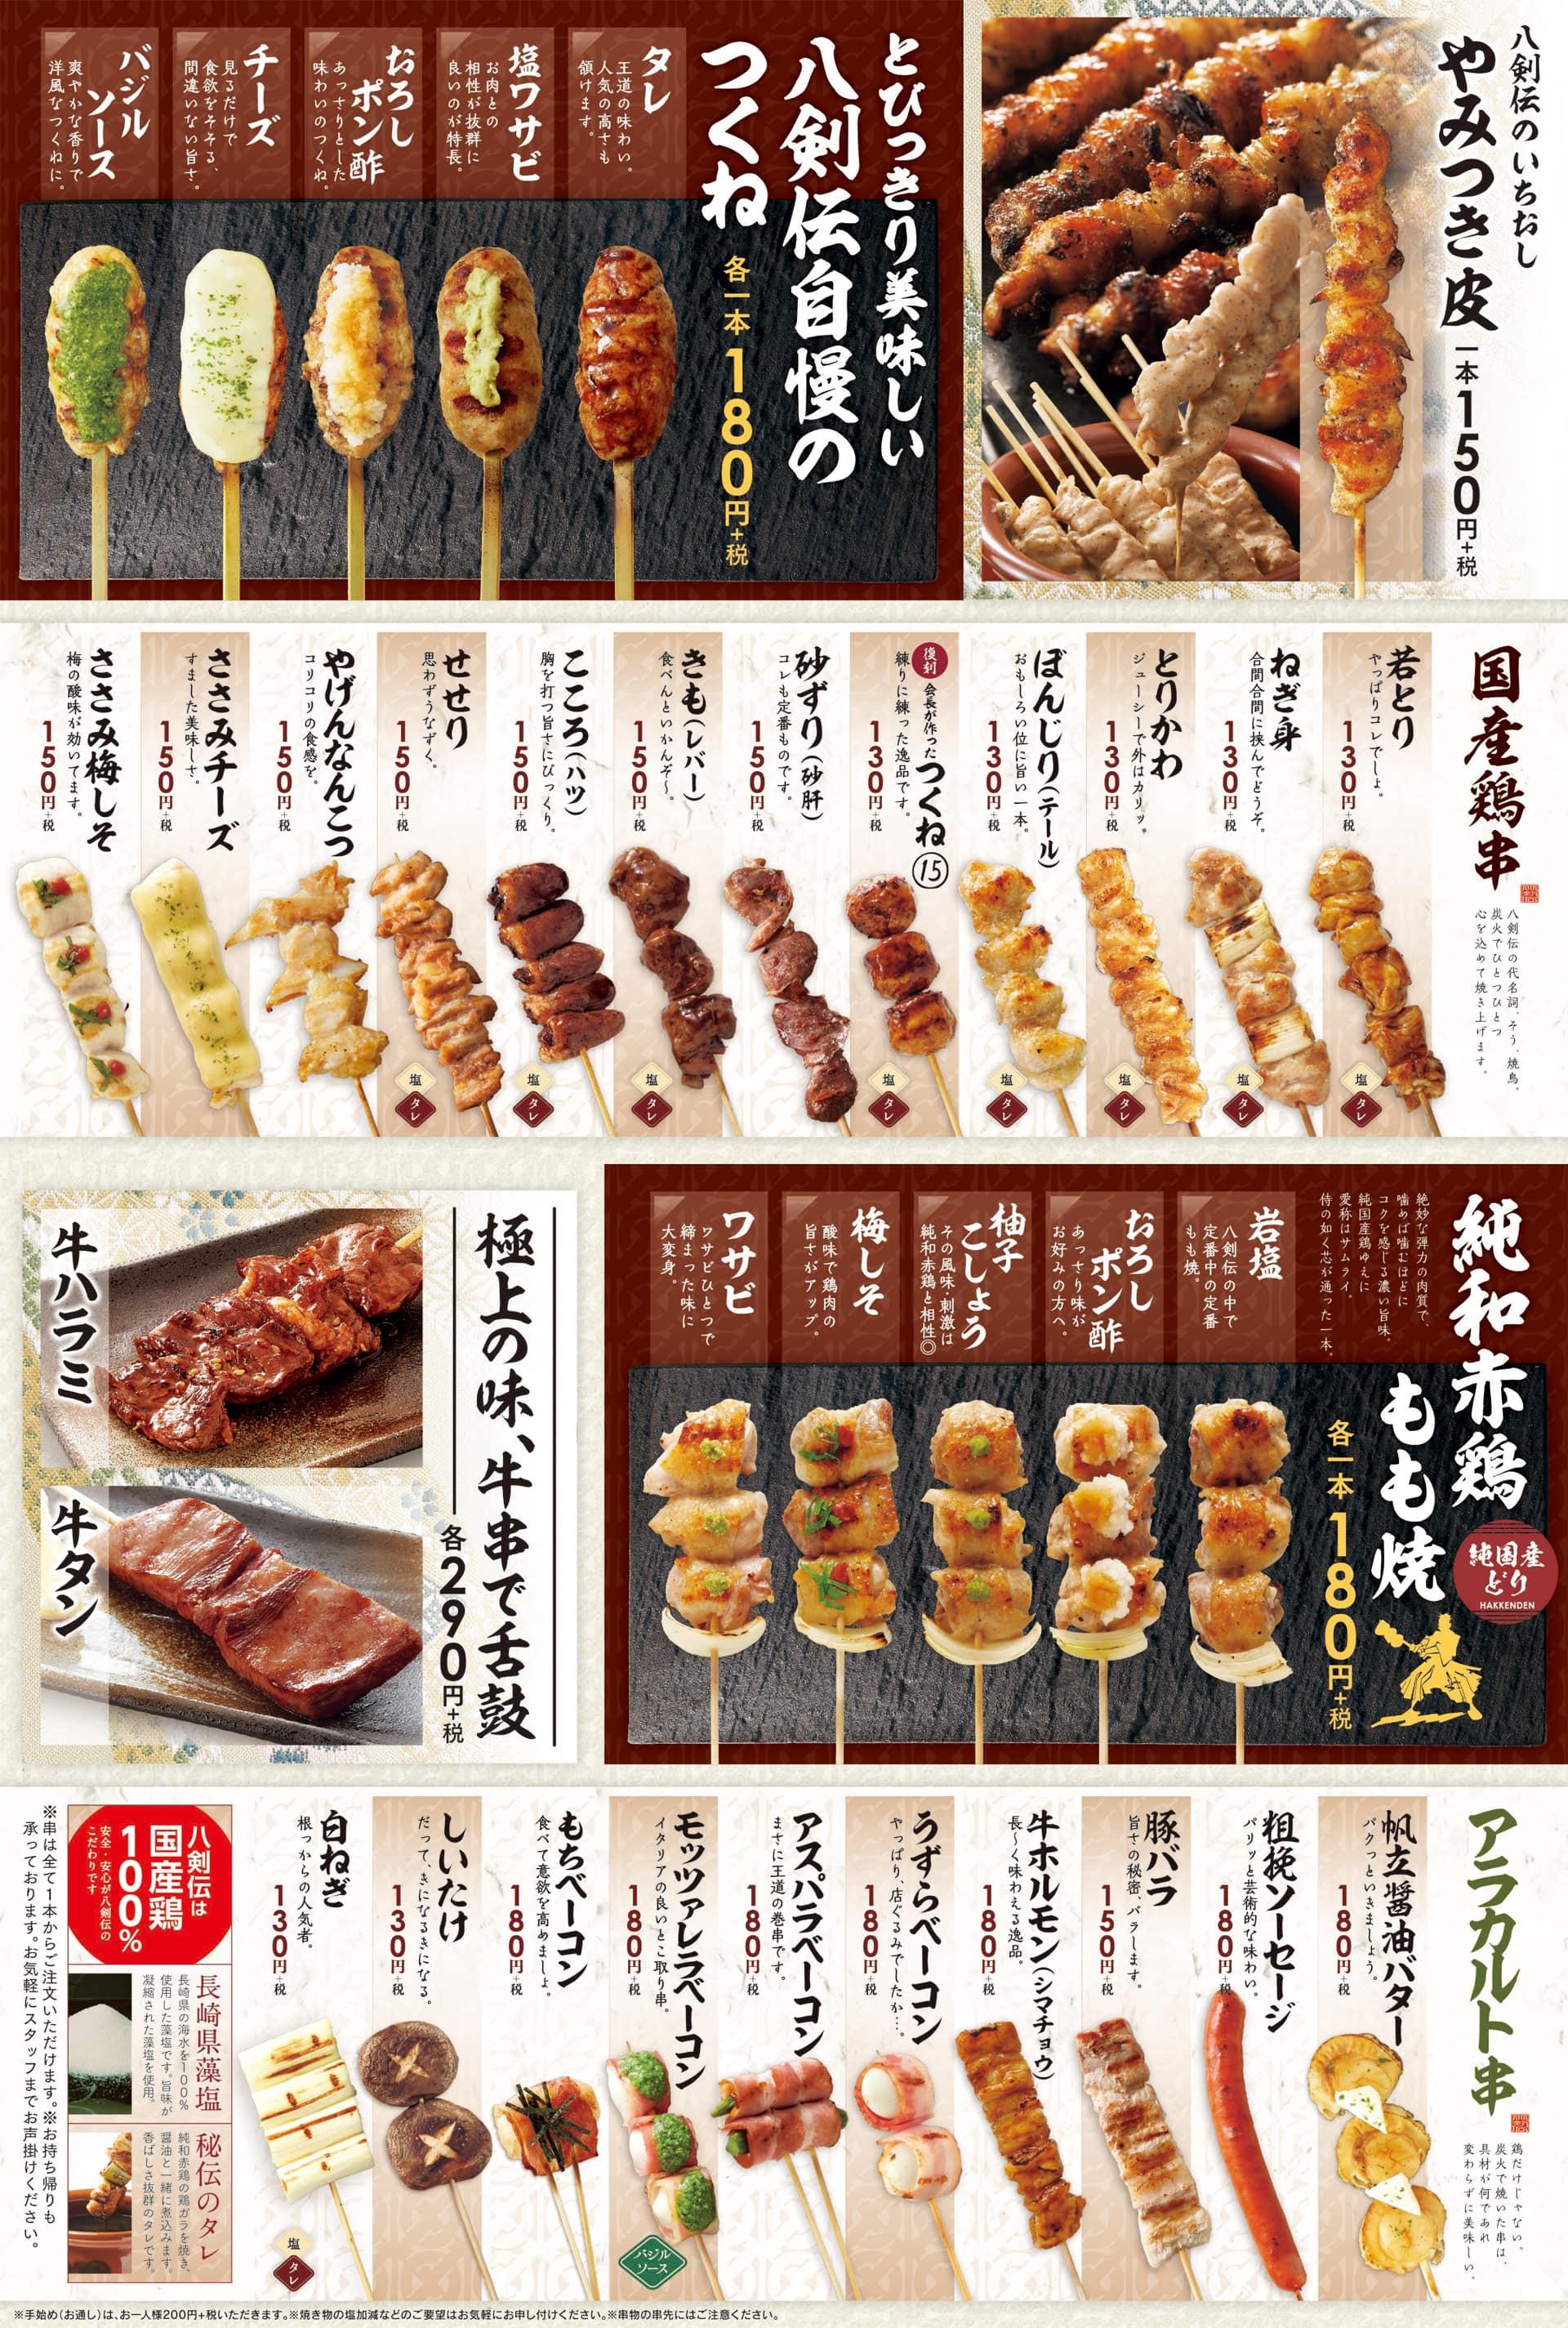 八剣伝 串焼